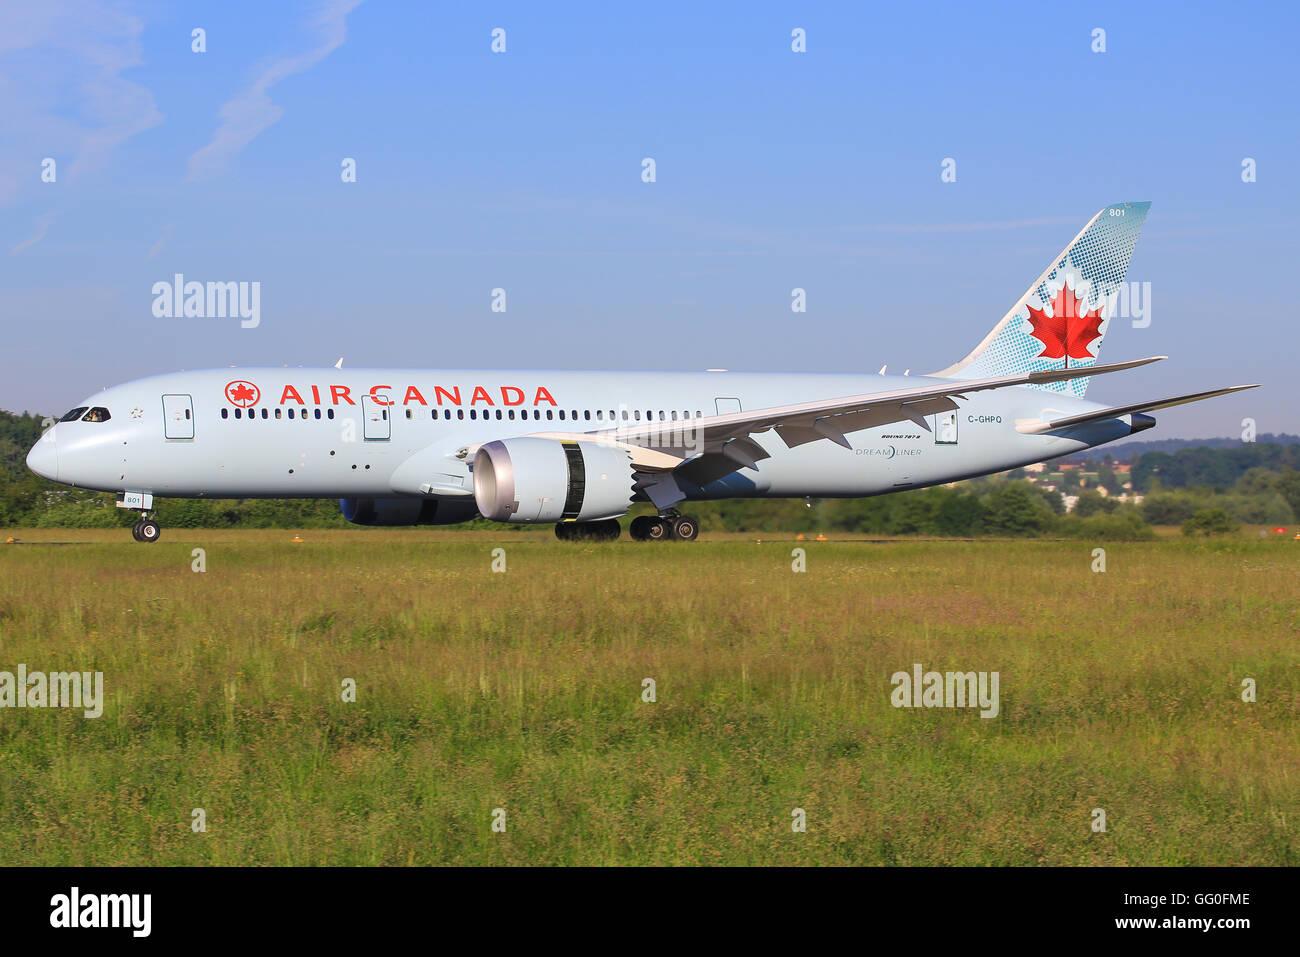 Zürch/Switzerland August 5, 2013: Boeing 787 from Air Canada landing at Zürich. - Stock Image